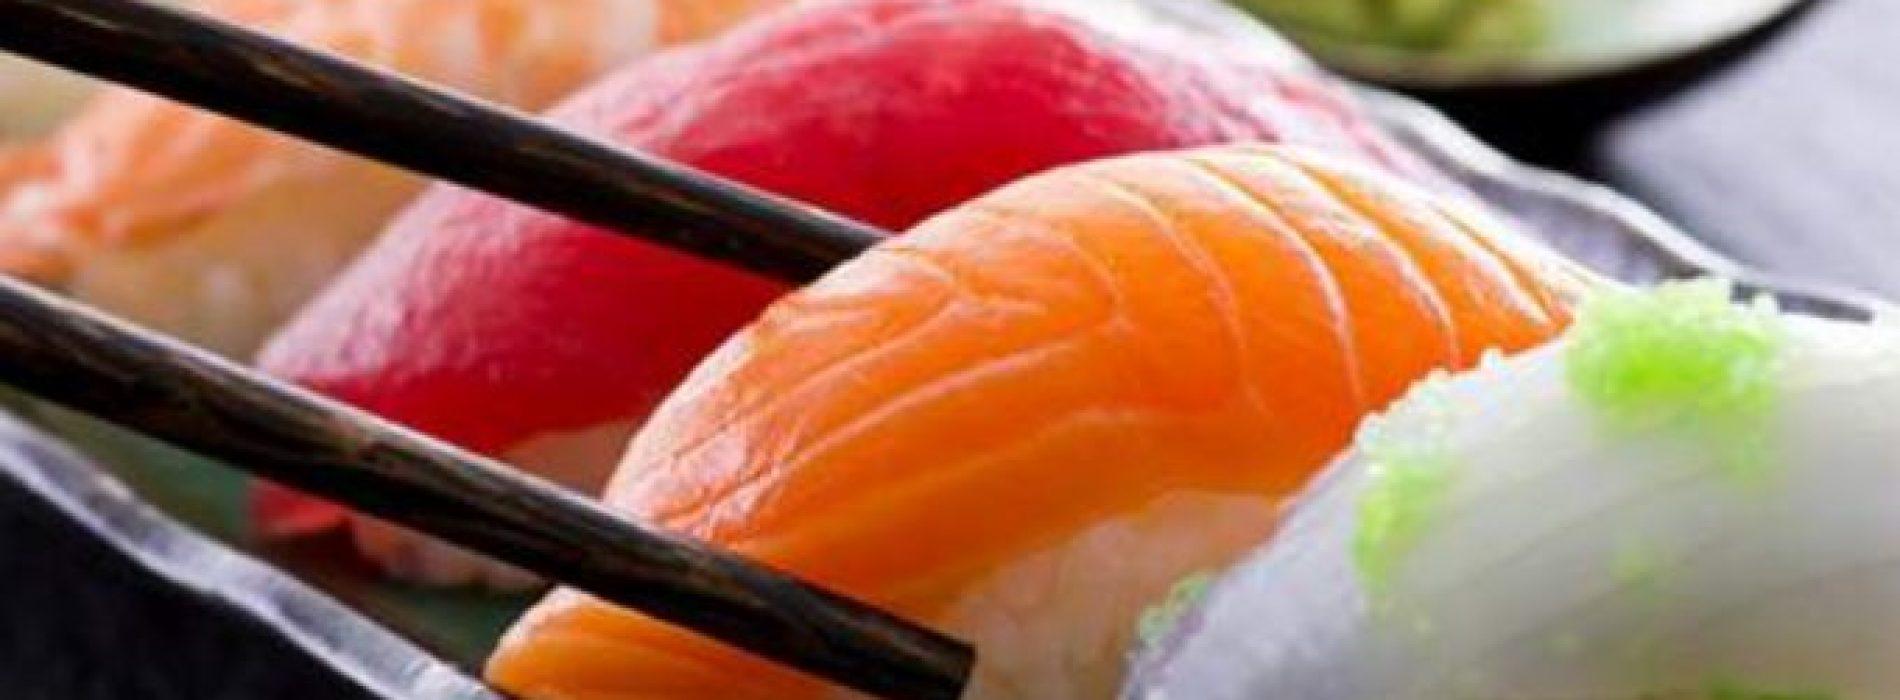 Dokters waarschuwen voor parasiet in sushi